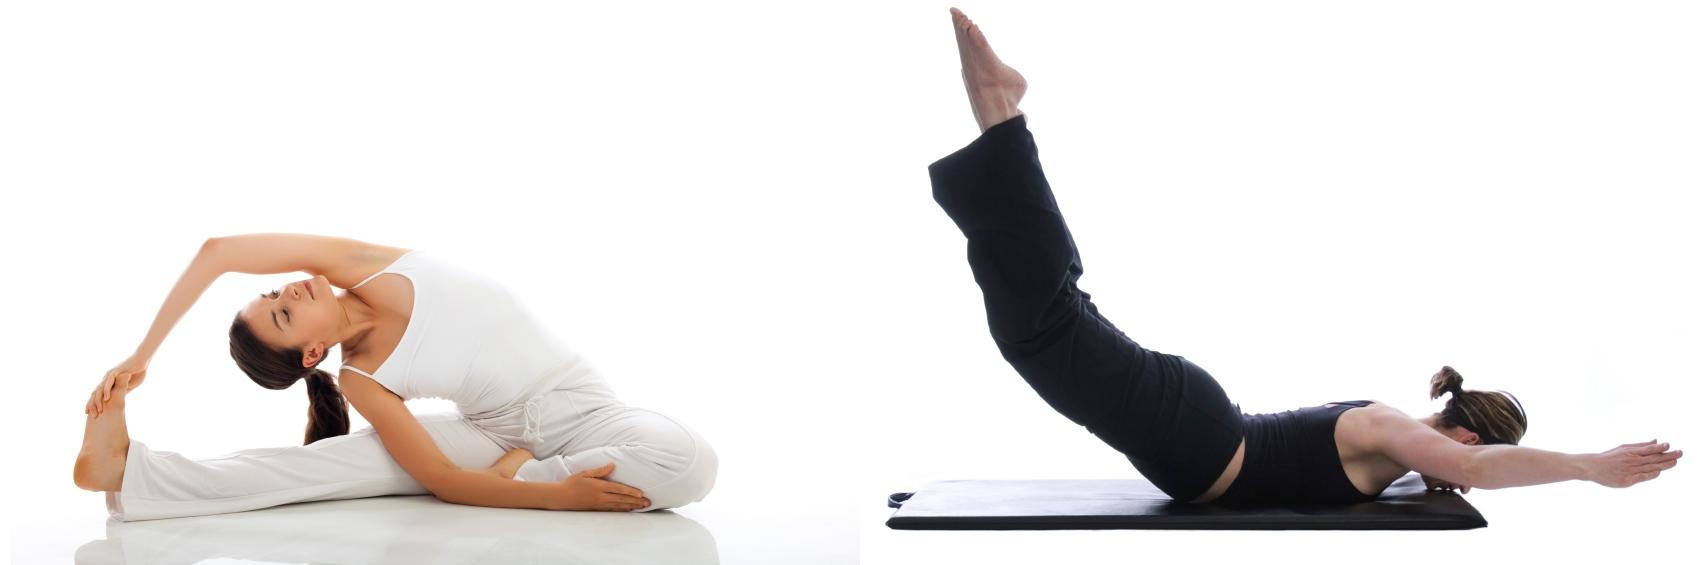 Yoga o Pilates: ¿Cuál es tu mejor opción para bajar de peso?